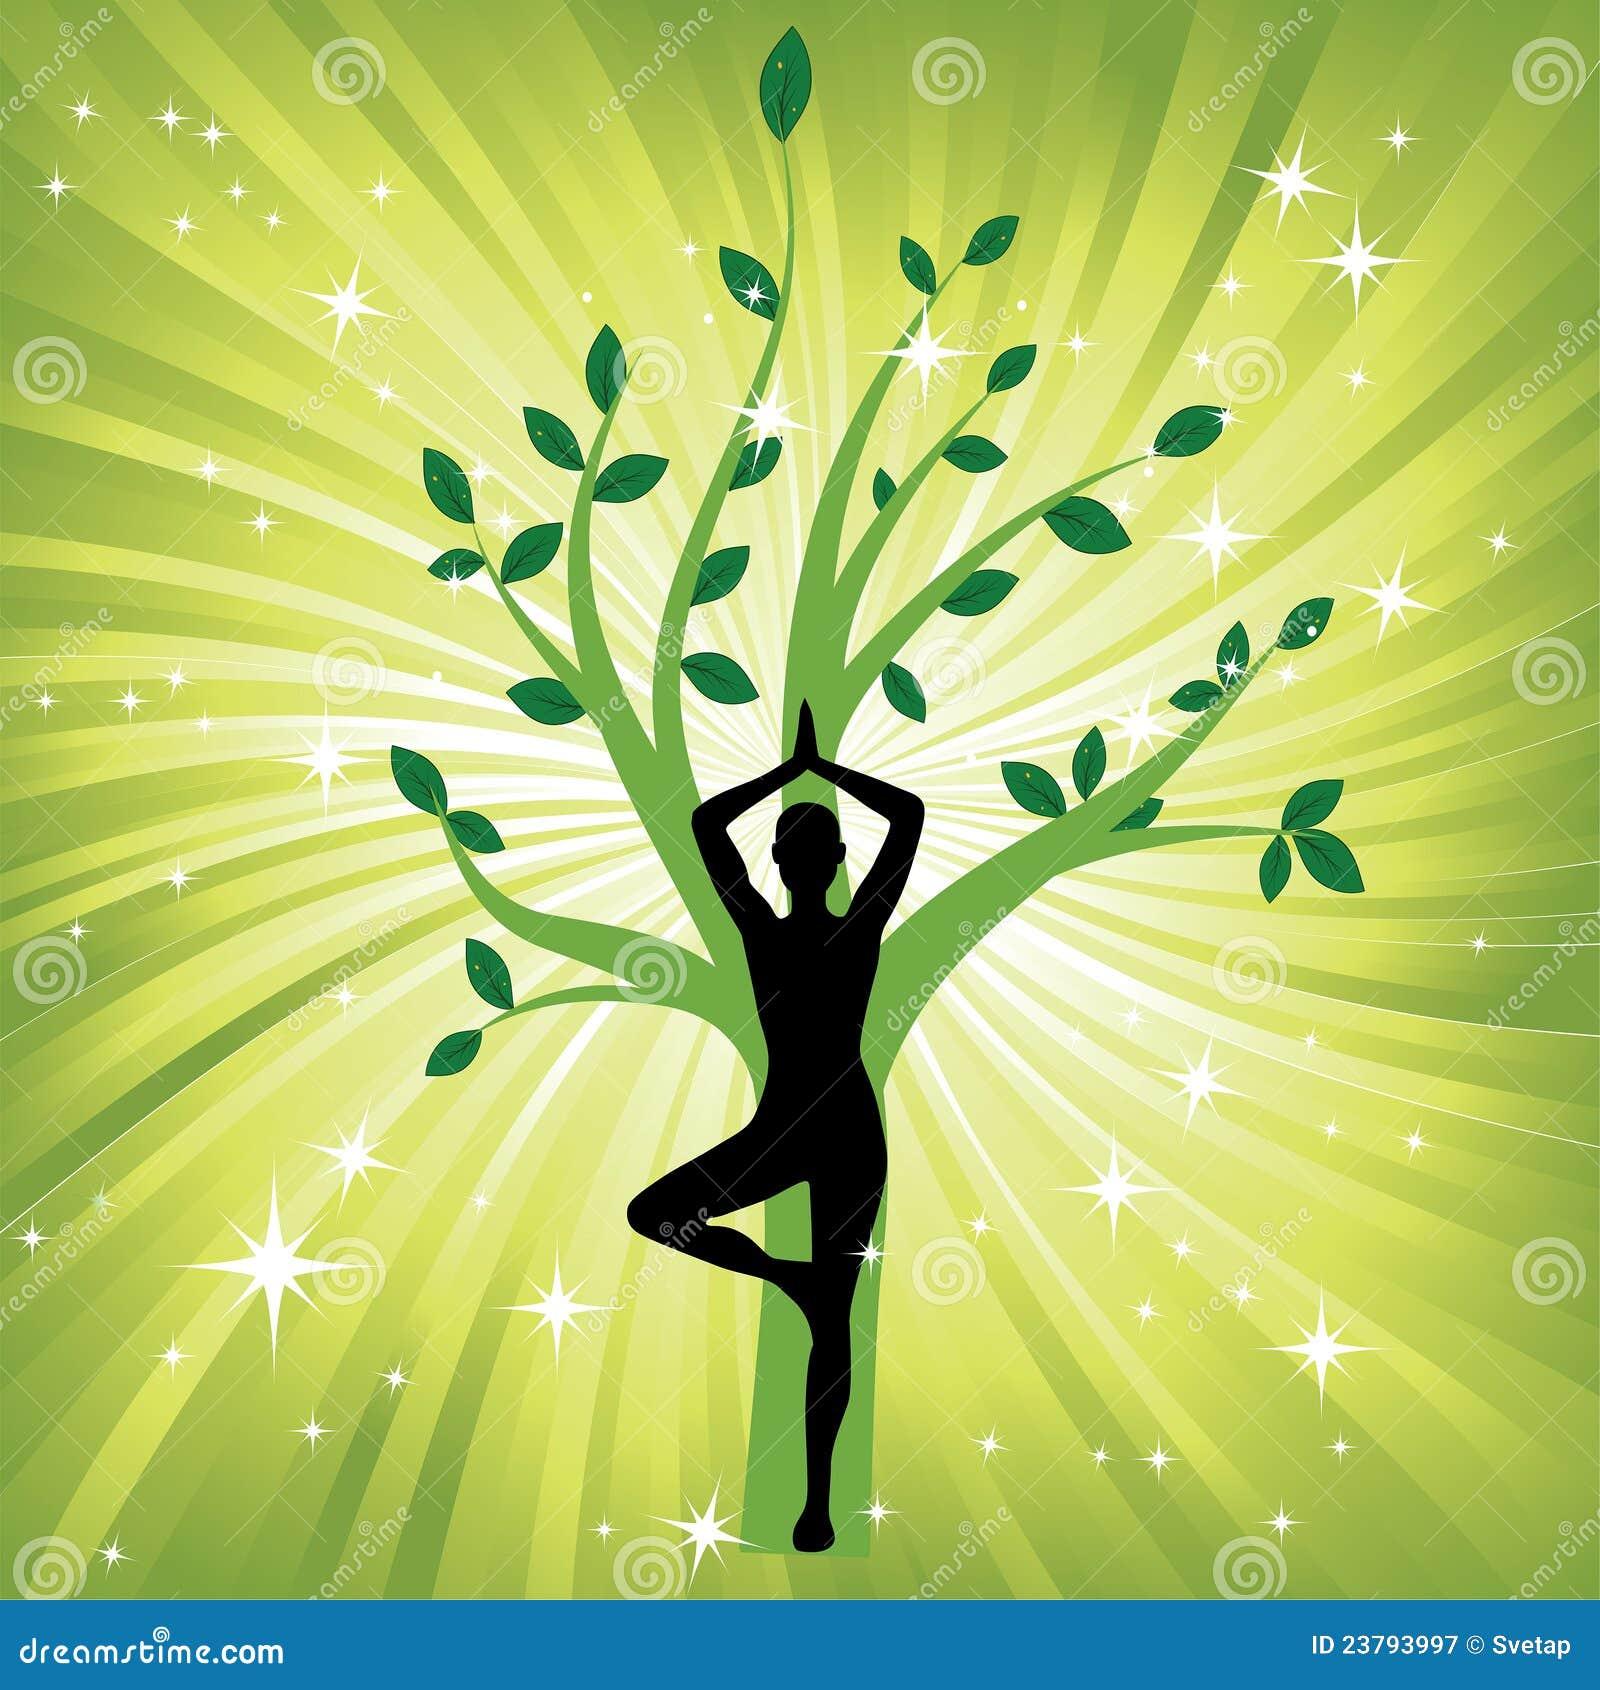 Woman In The Yoga Tree Asana Royalty Free Stock